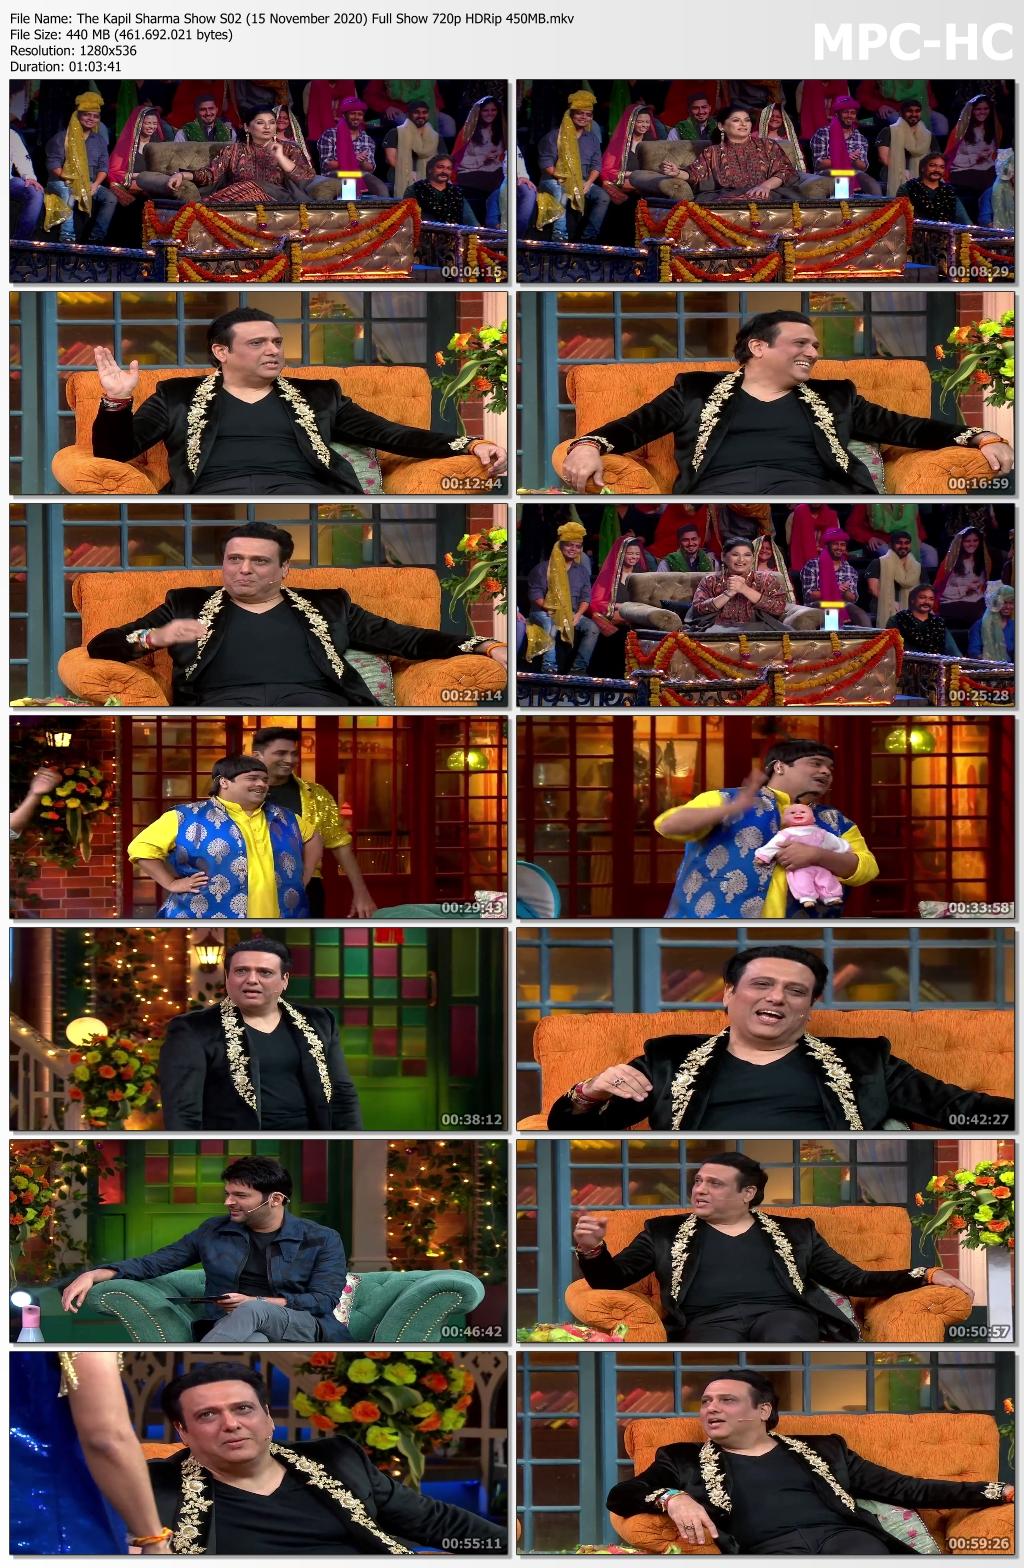 The-Kapil-Sharma-Show-S02-15-November-2020-Full-Show-720p-HDRip-450-MB-mkv-thumbs